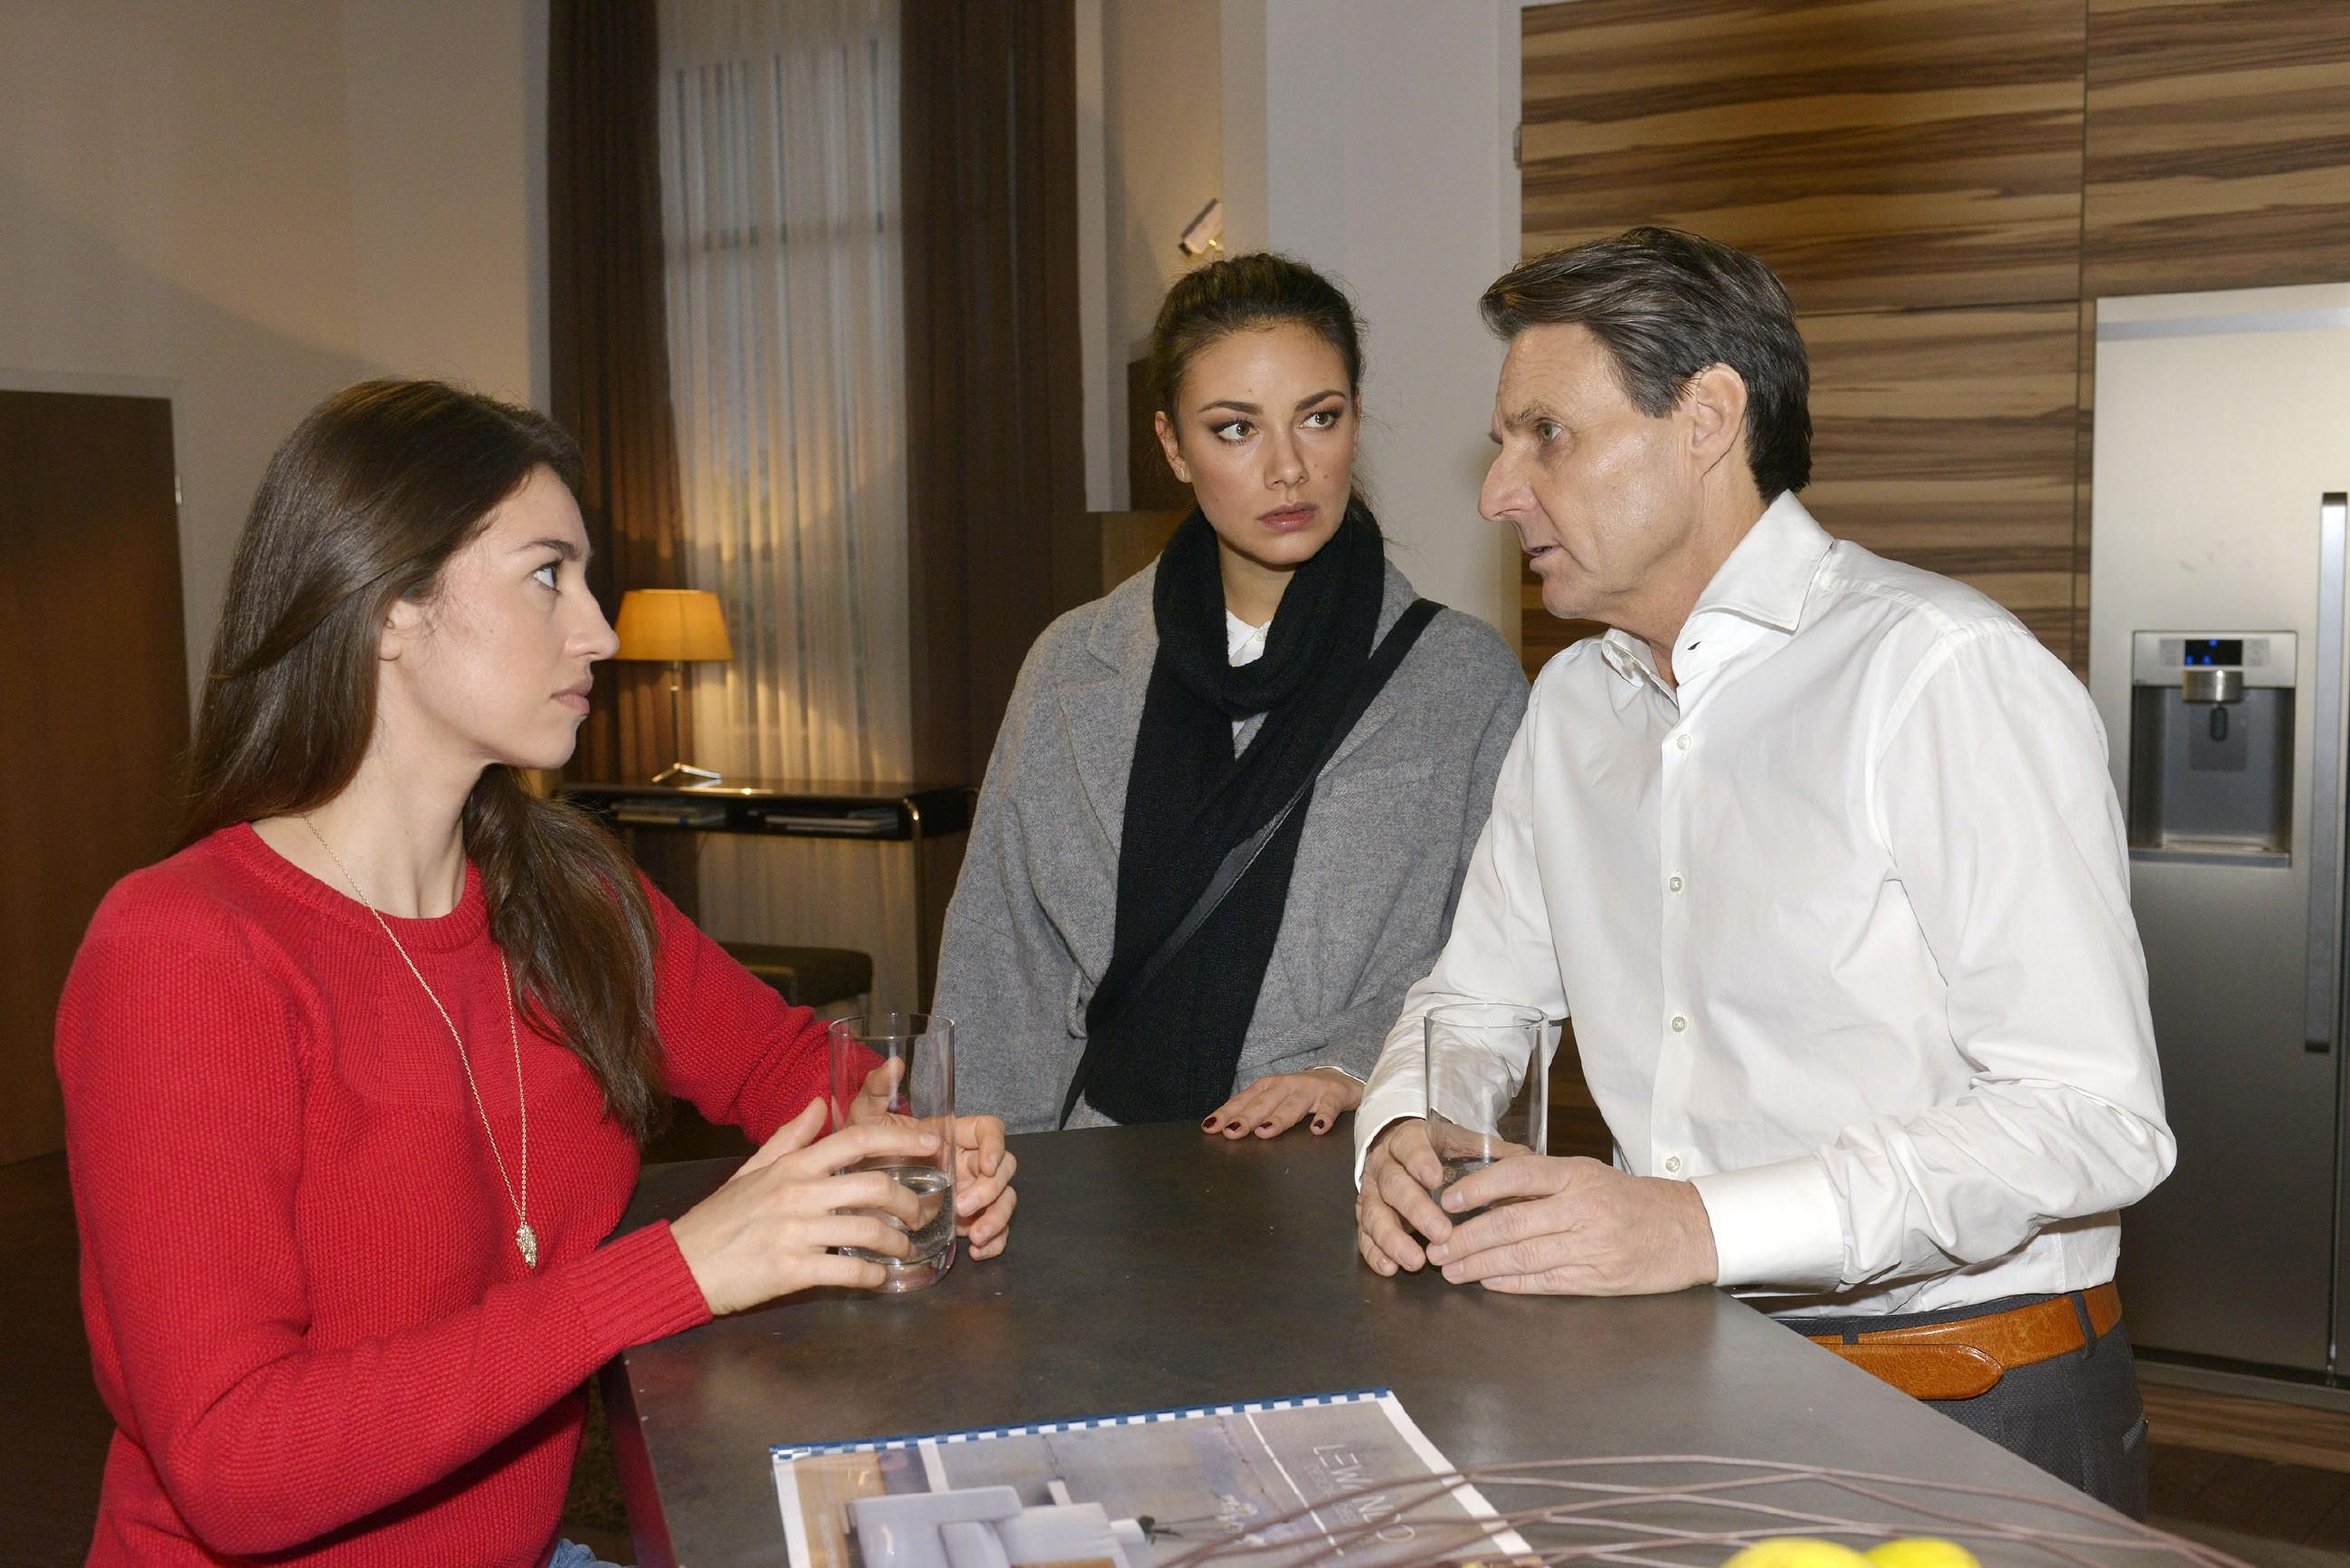 Elena (Elena Garcia Gerlach, l.) bekommt mit, dass sich Jasmin (Janina Uhse) und Gerner (Wolfgang Bahro) große Sorgen um Katrin machen. (Quelle: RTL / Rolf Baumgartner)